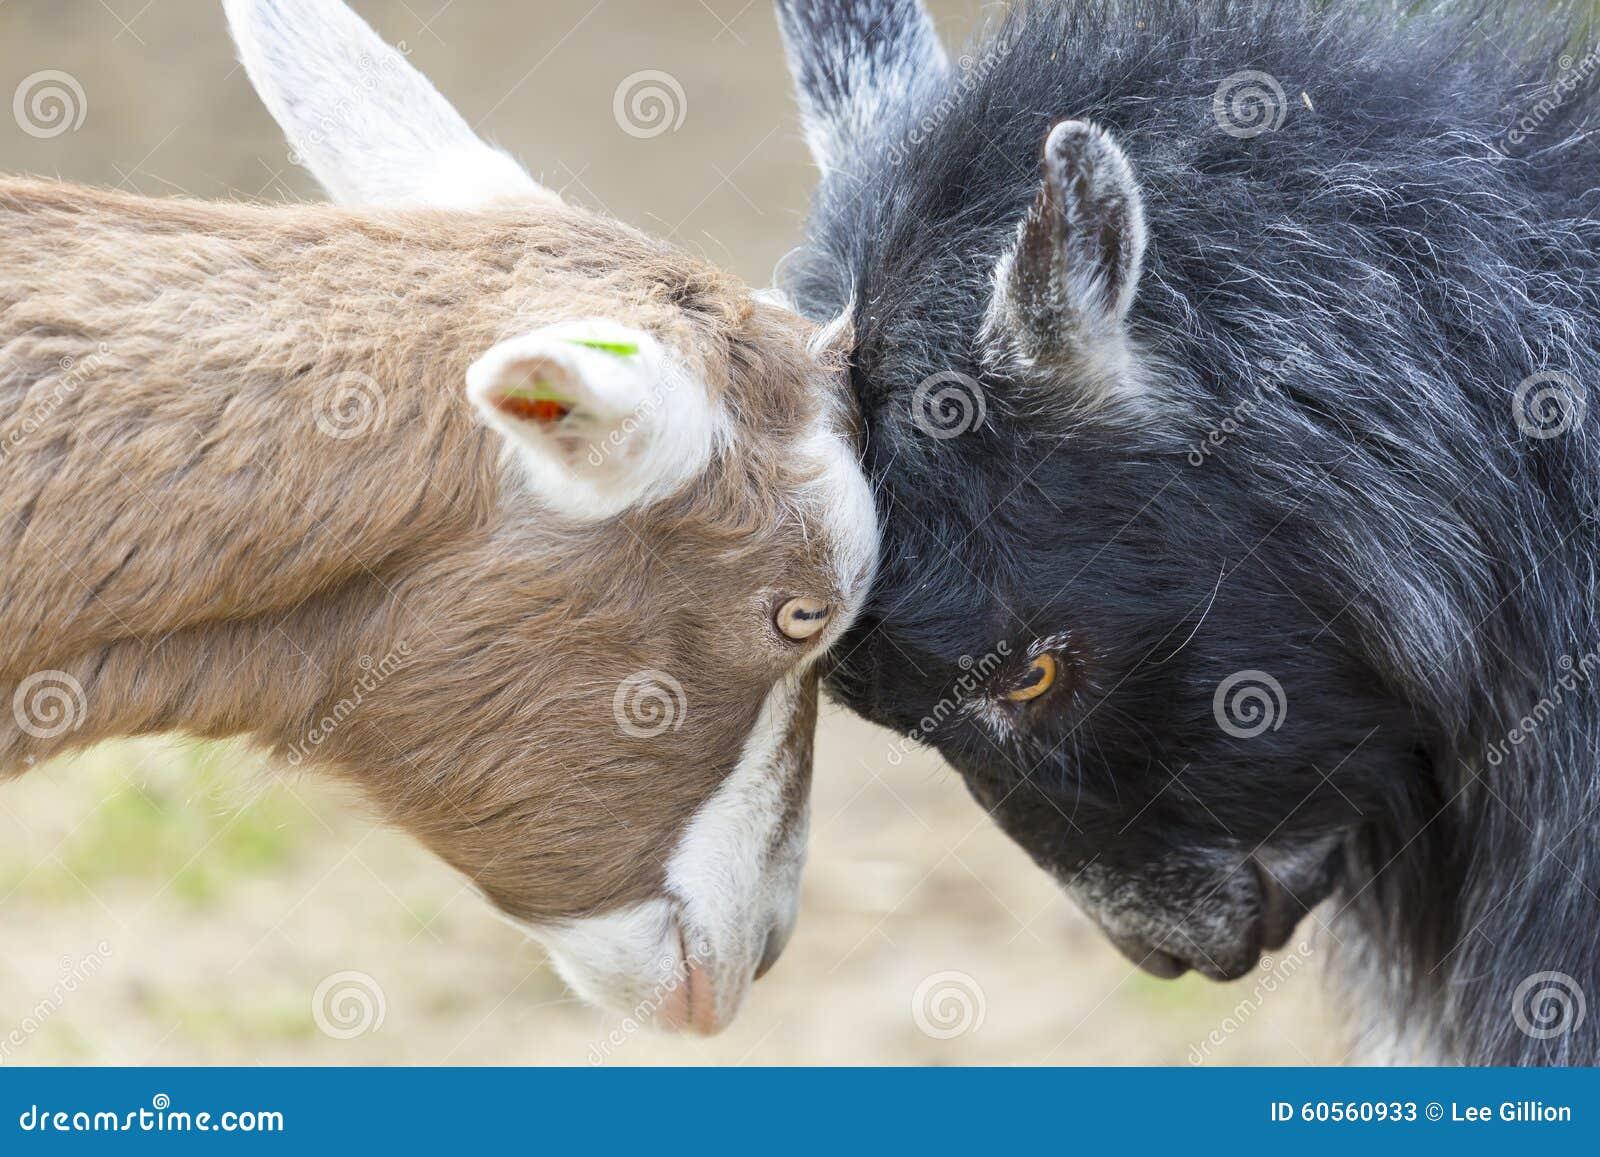 Disagreement Goats Butting Heads